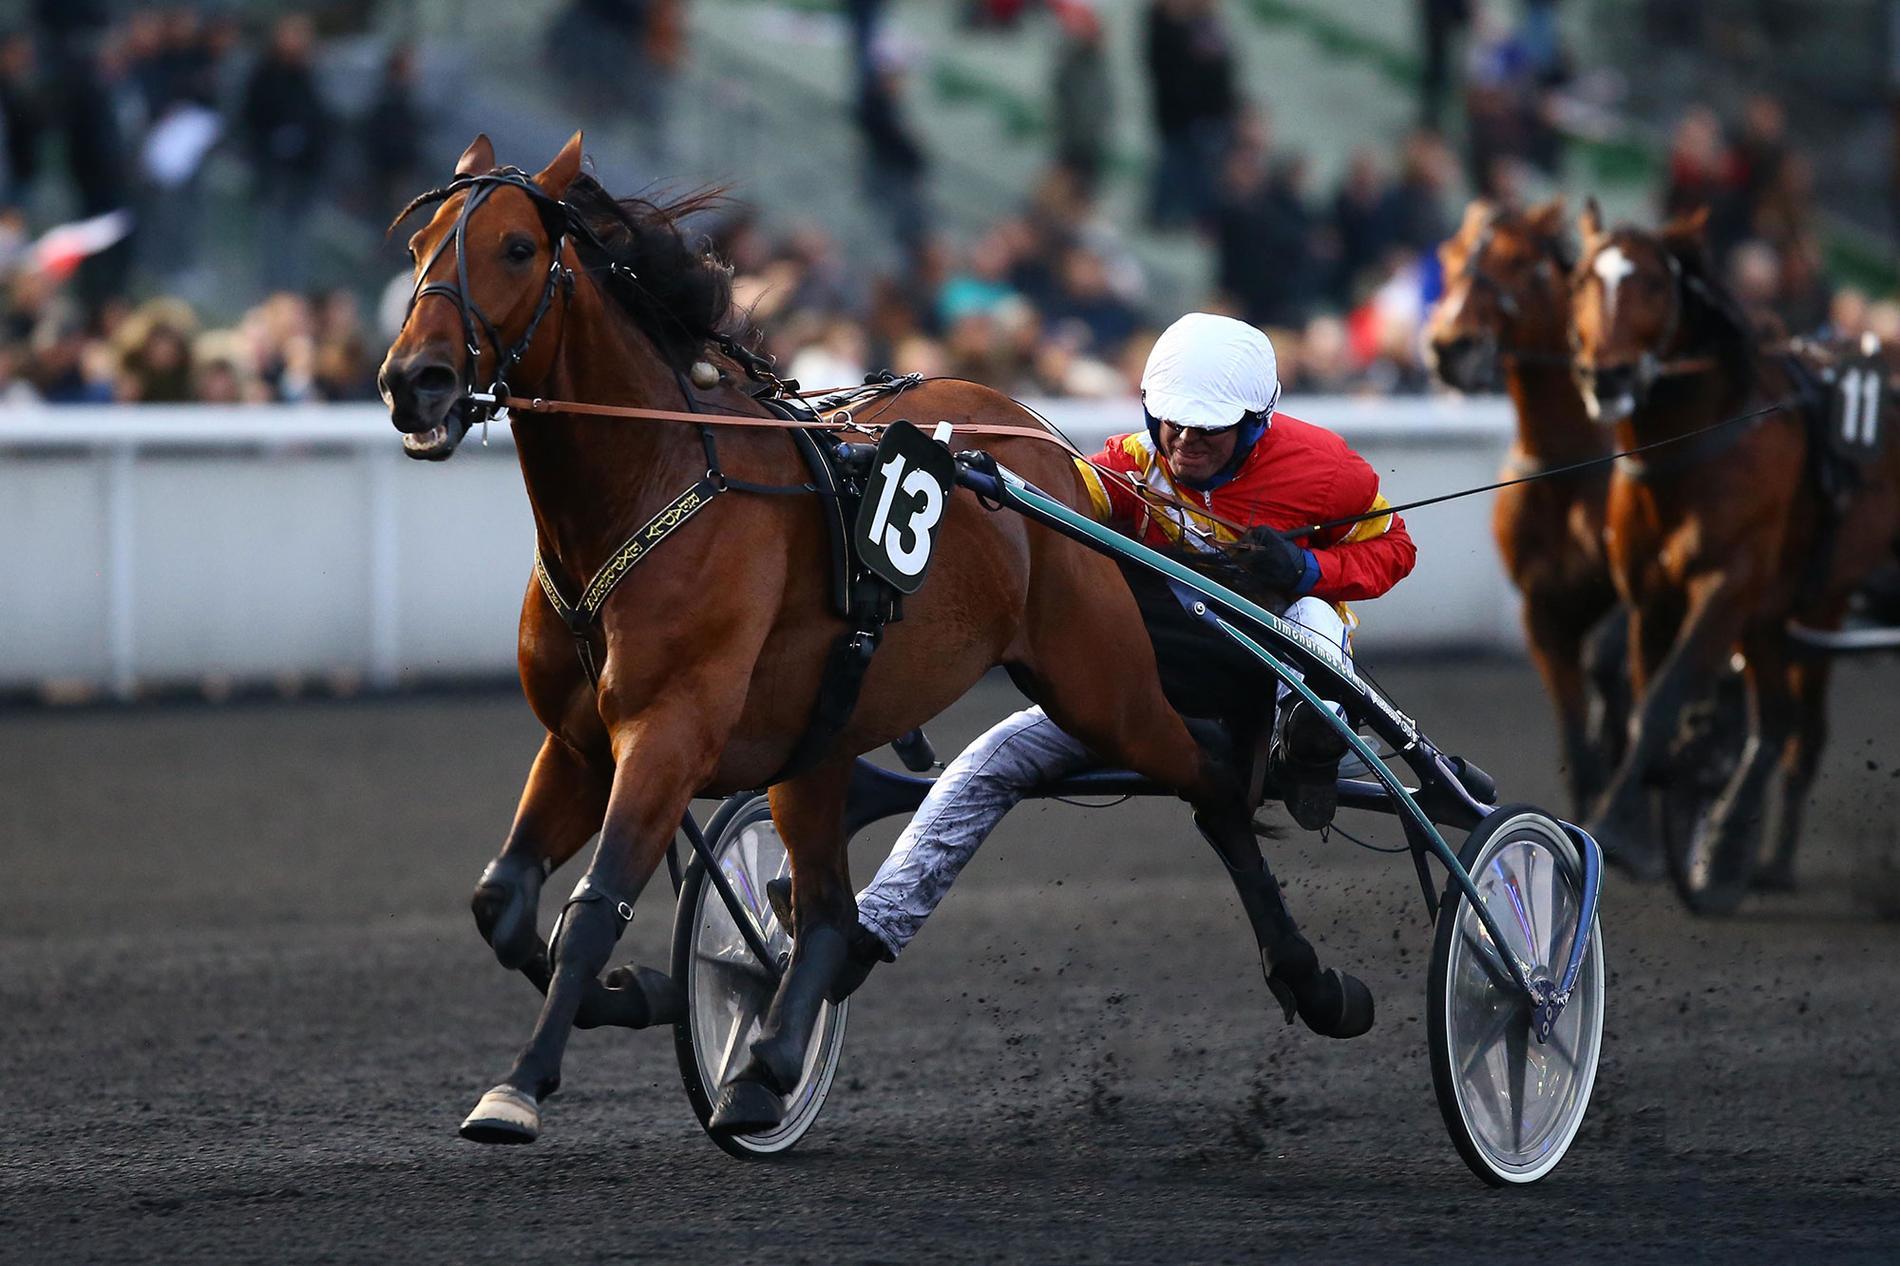 Readly Express får välförtjänta segerklappar av kusken Björn Goop efter segern i Prix Tenor de Baune. Nu väntar uppladdning i Frankrike, på Goops gård, inför det stora slaget i slutet av januari.